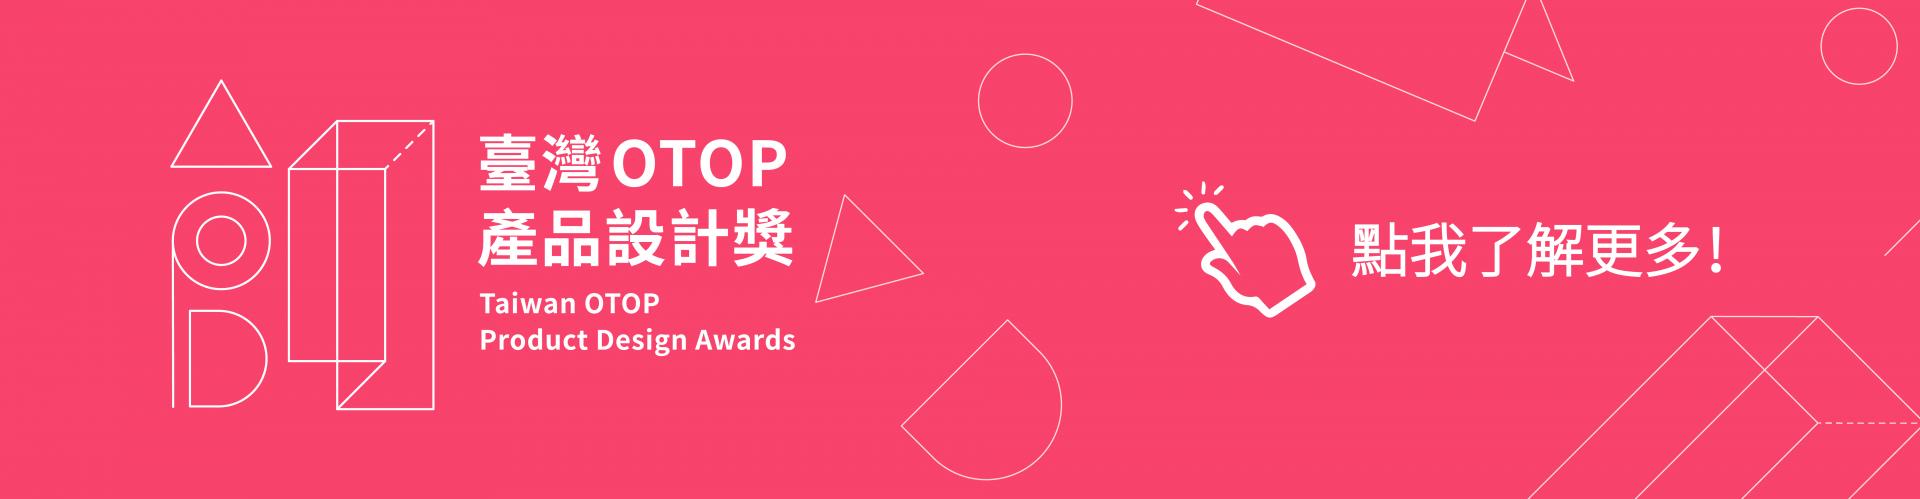 2018OTOP產品設計獎